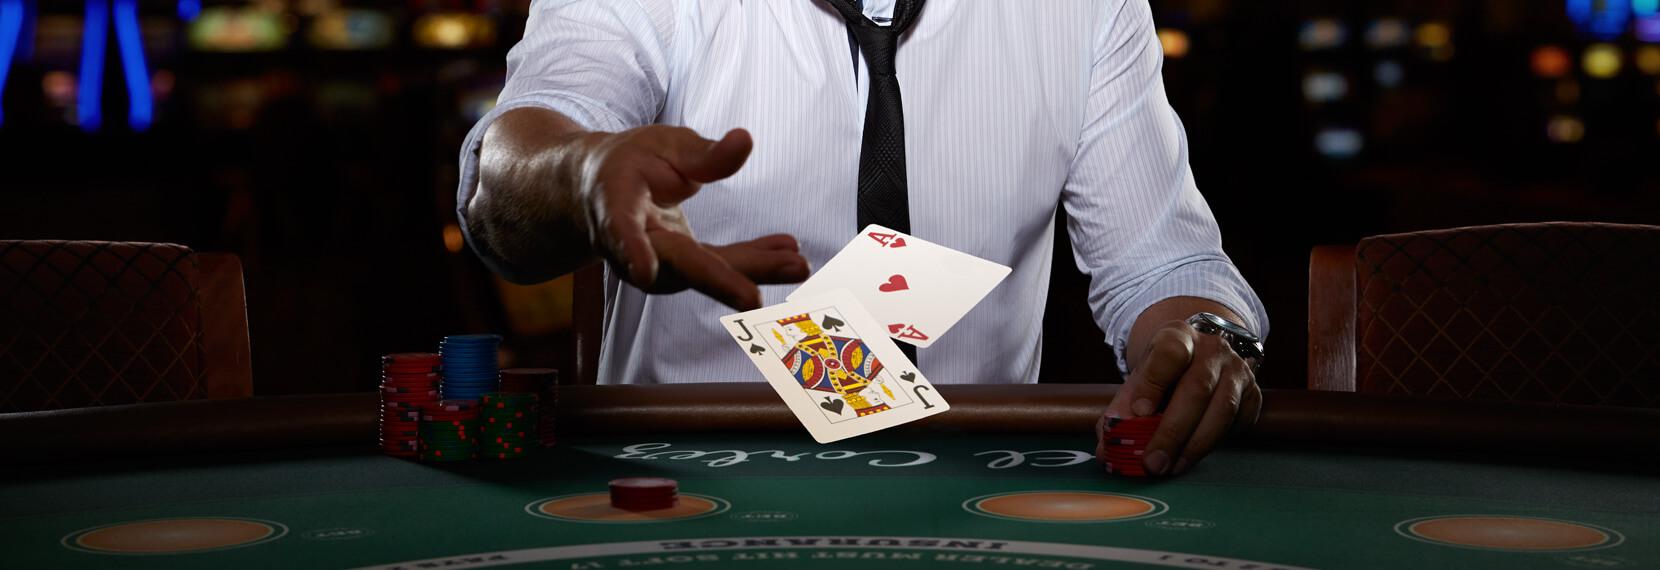 Les techniques à savoir pour gagner en blackjack